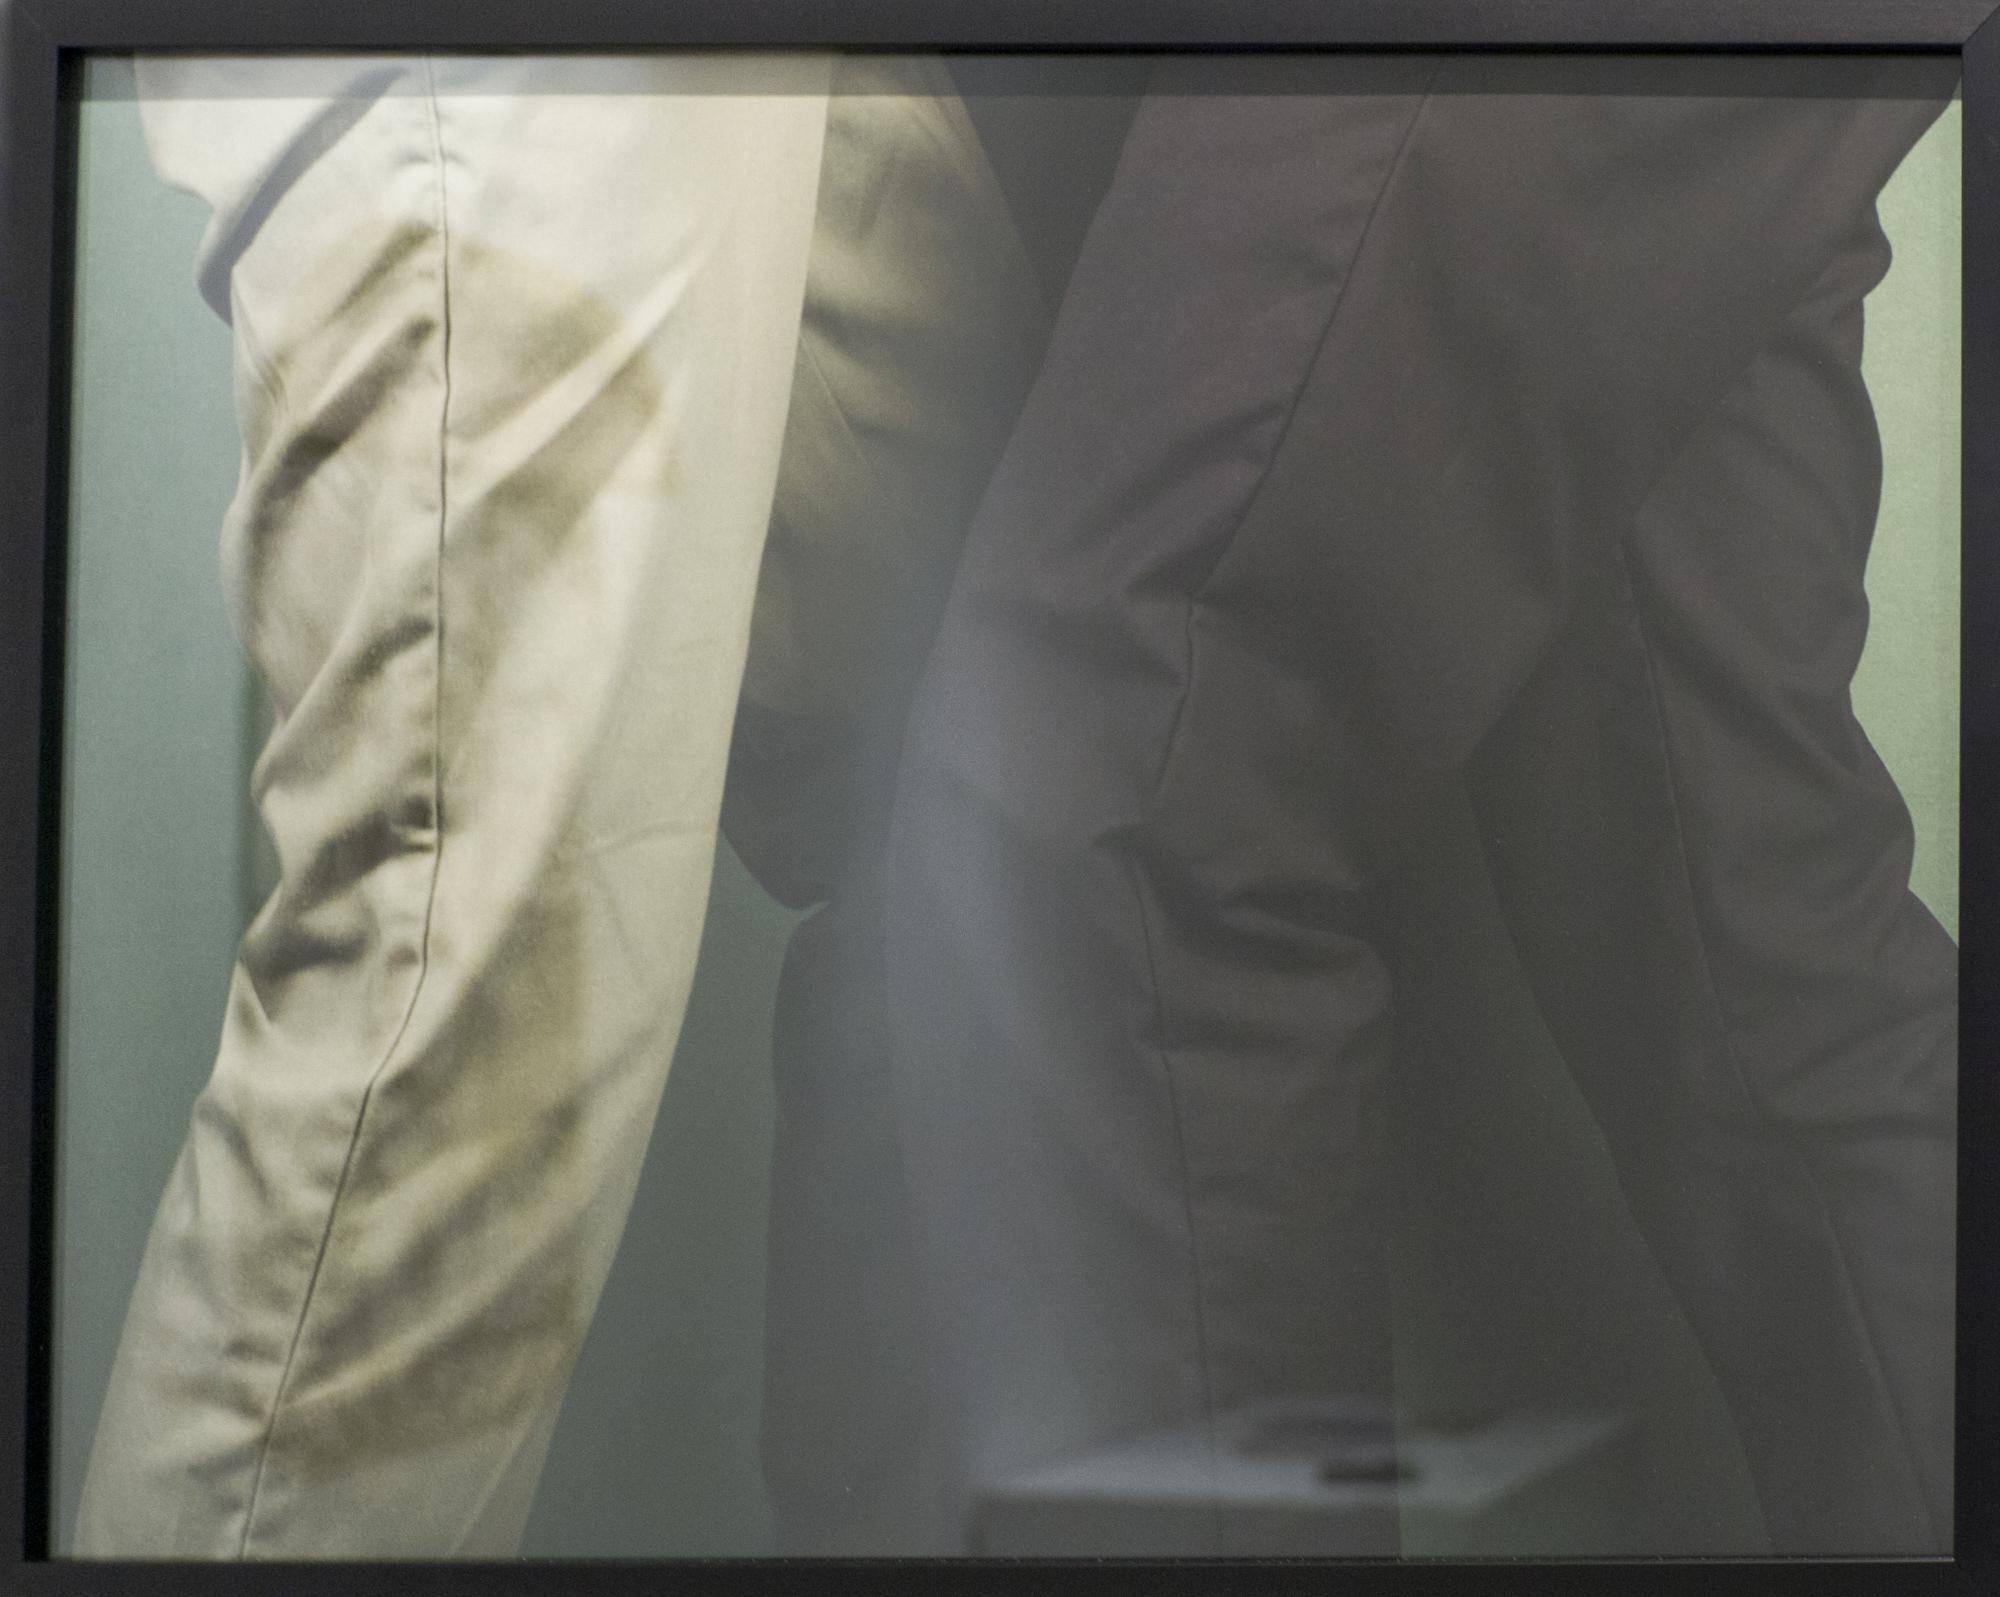 """""""Two Men in a Hallway,"""" a digital inkjet print by Paul Gordon."""